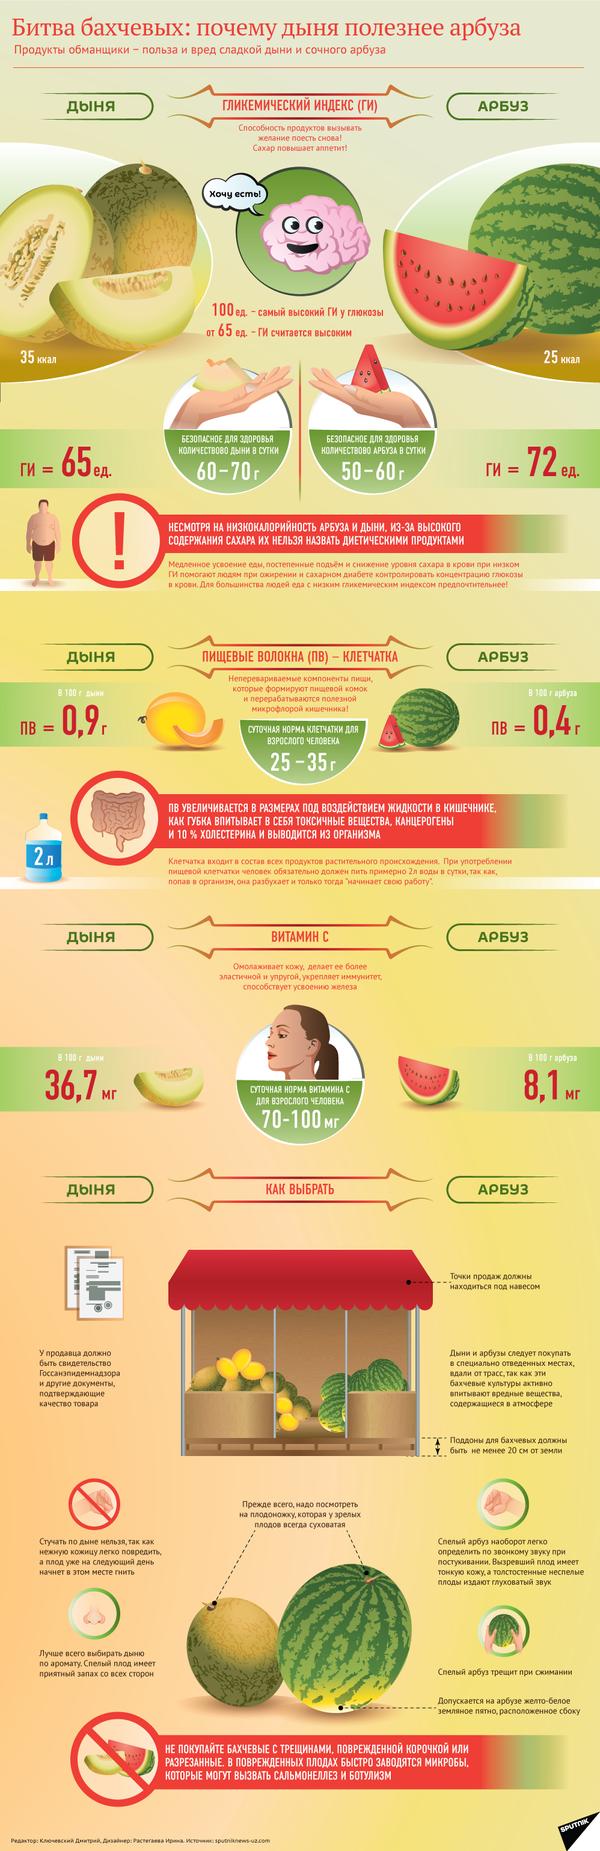 Дыня или арбуз: что полезней? - инфографика на sputnik.by - Sputnik Беларусь